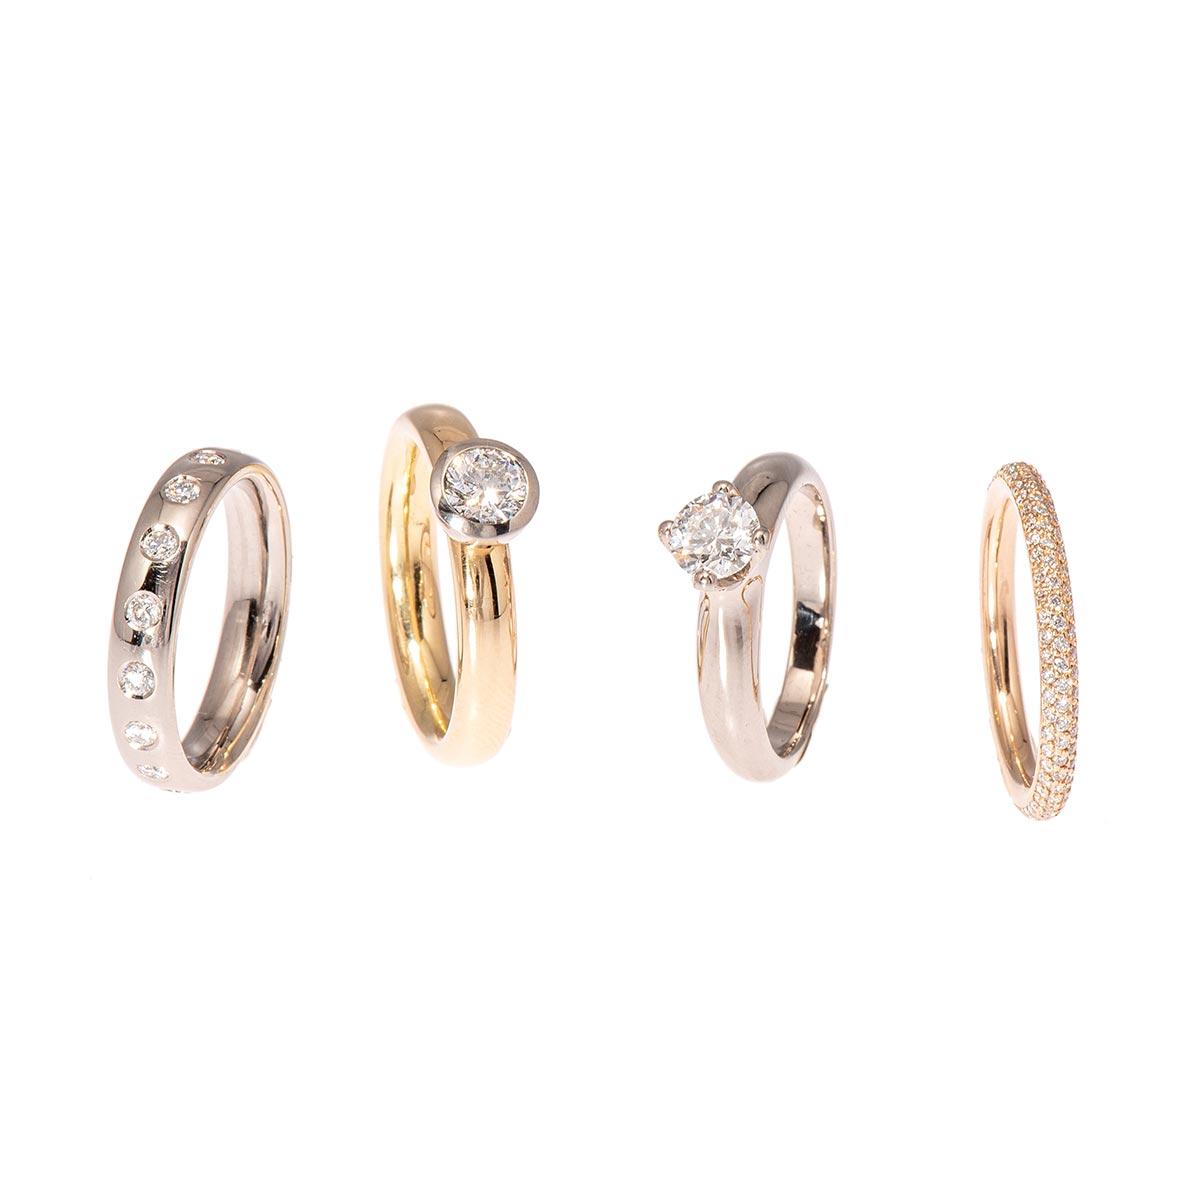 Verlobungsring Botho Nickel Handwerk Verlobungsring finden